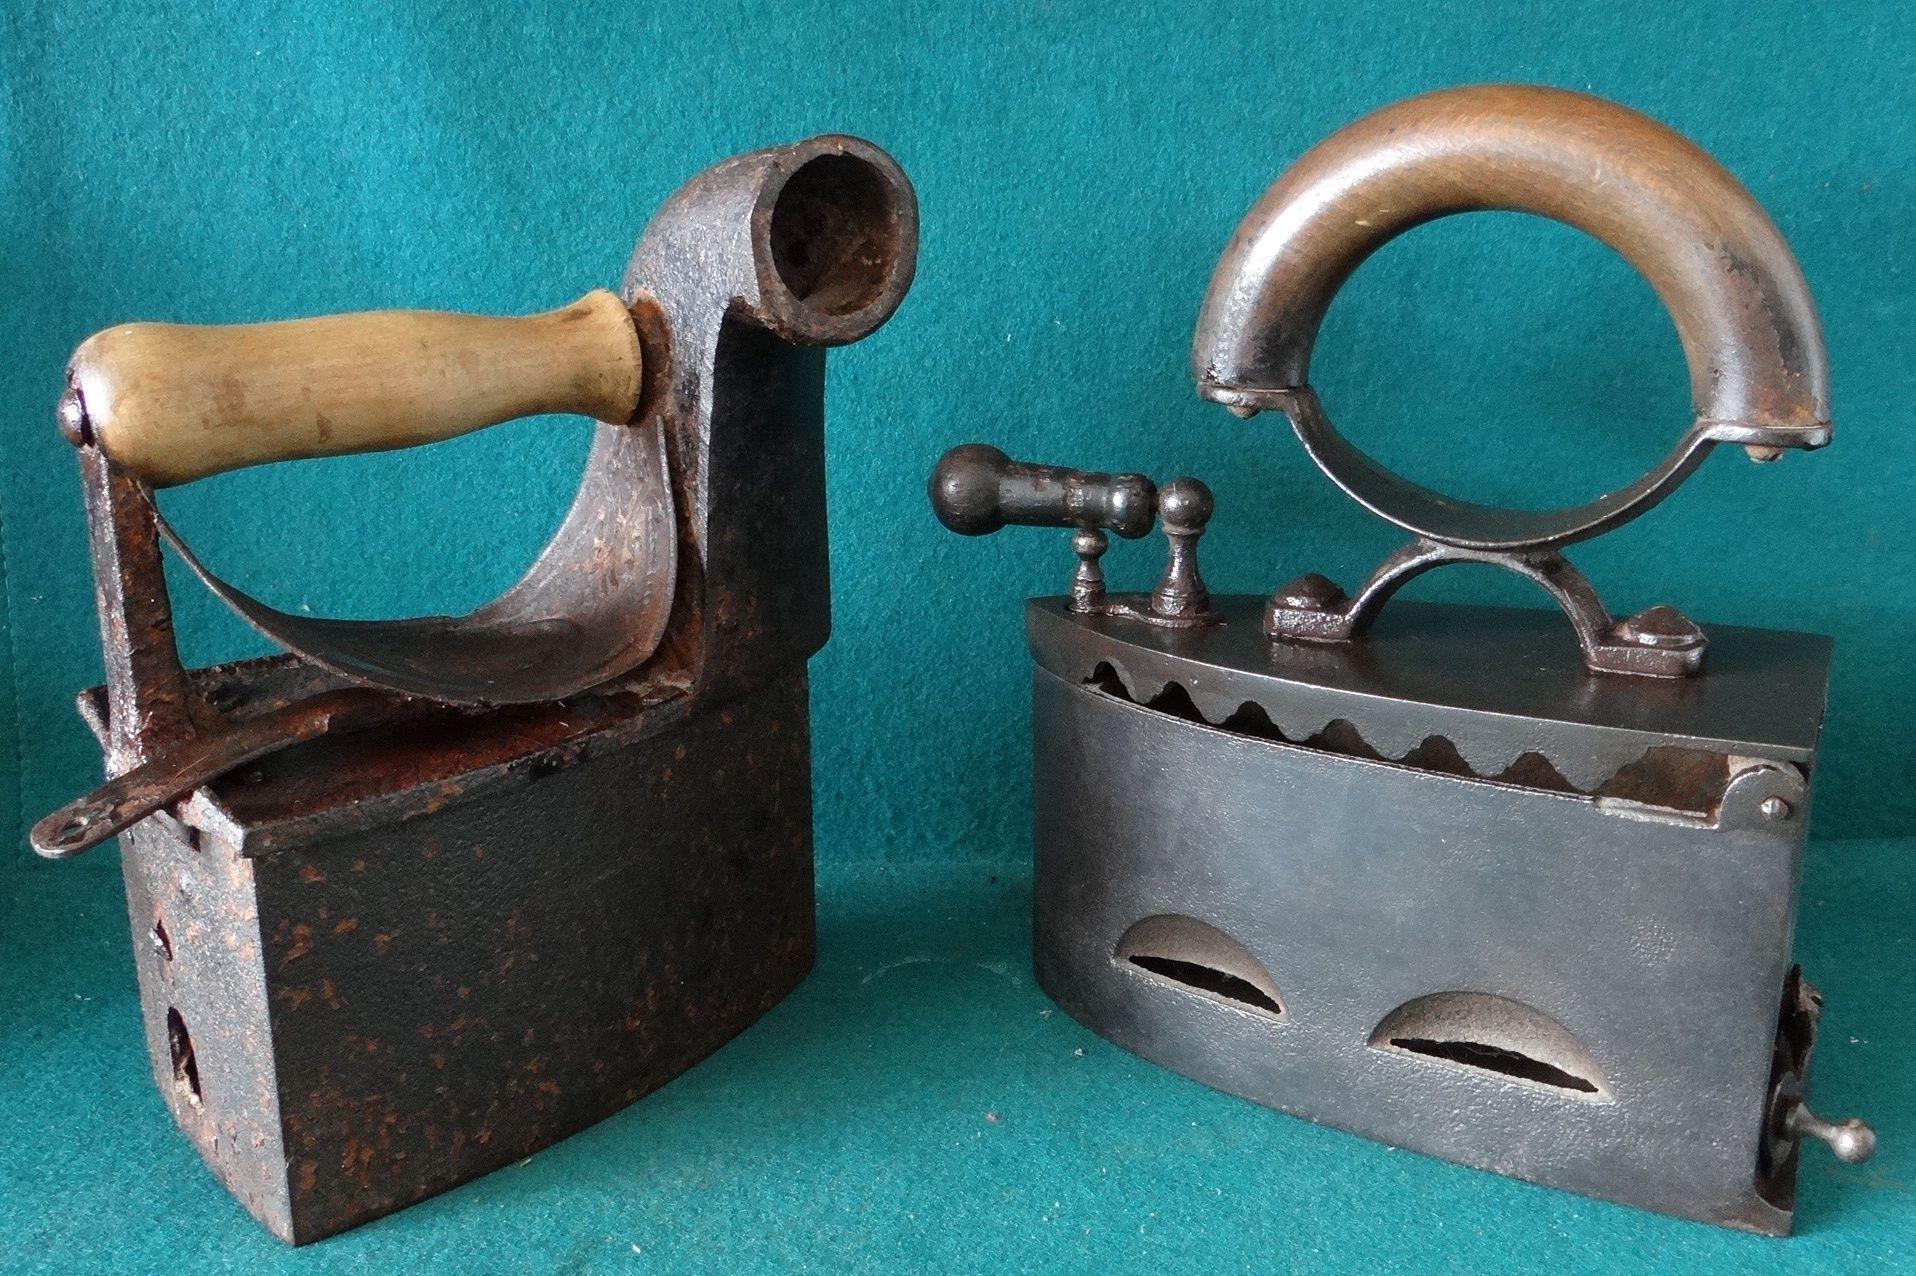 PLANCHAS ANTIGUAS DE CARBÓN. Usadas hace 100 años, Por nuestras bisabuelas.  anticuari2@gmail.com | Plancha antigua, Plancha